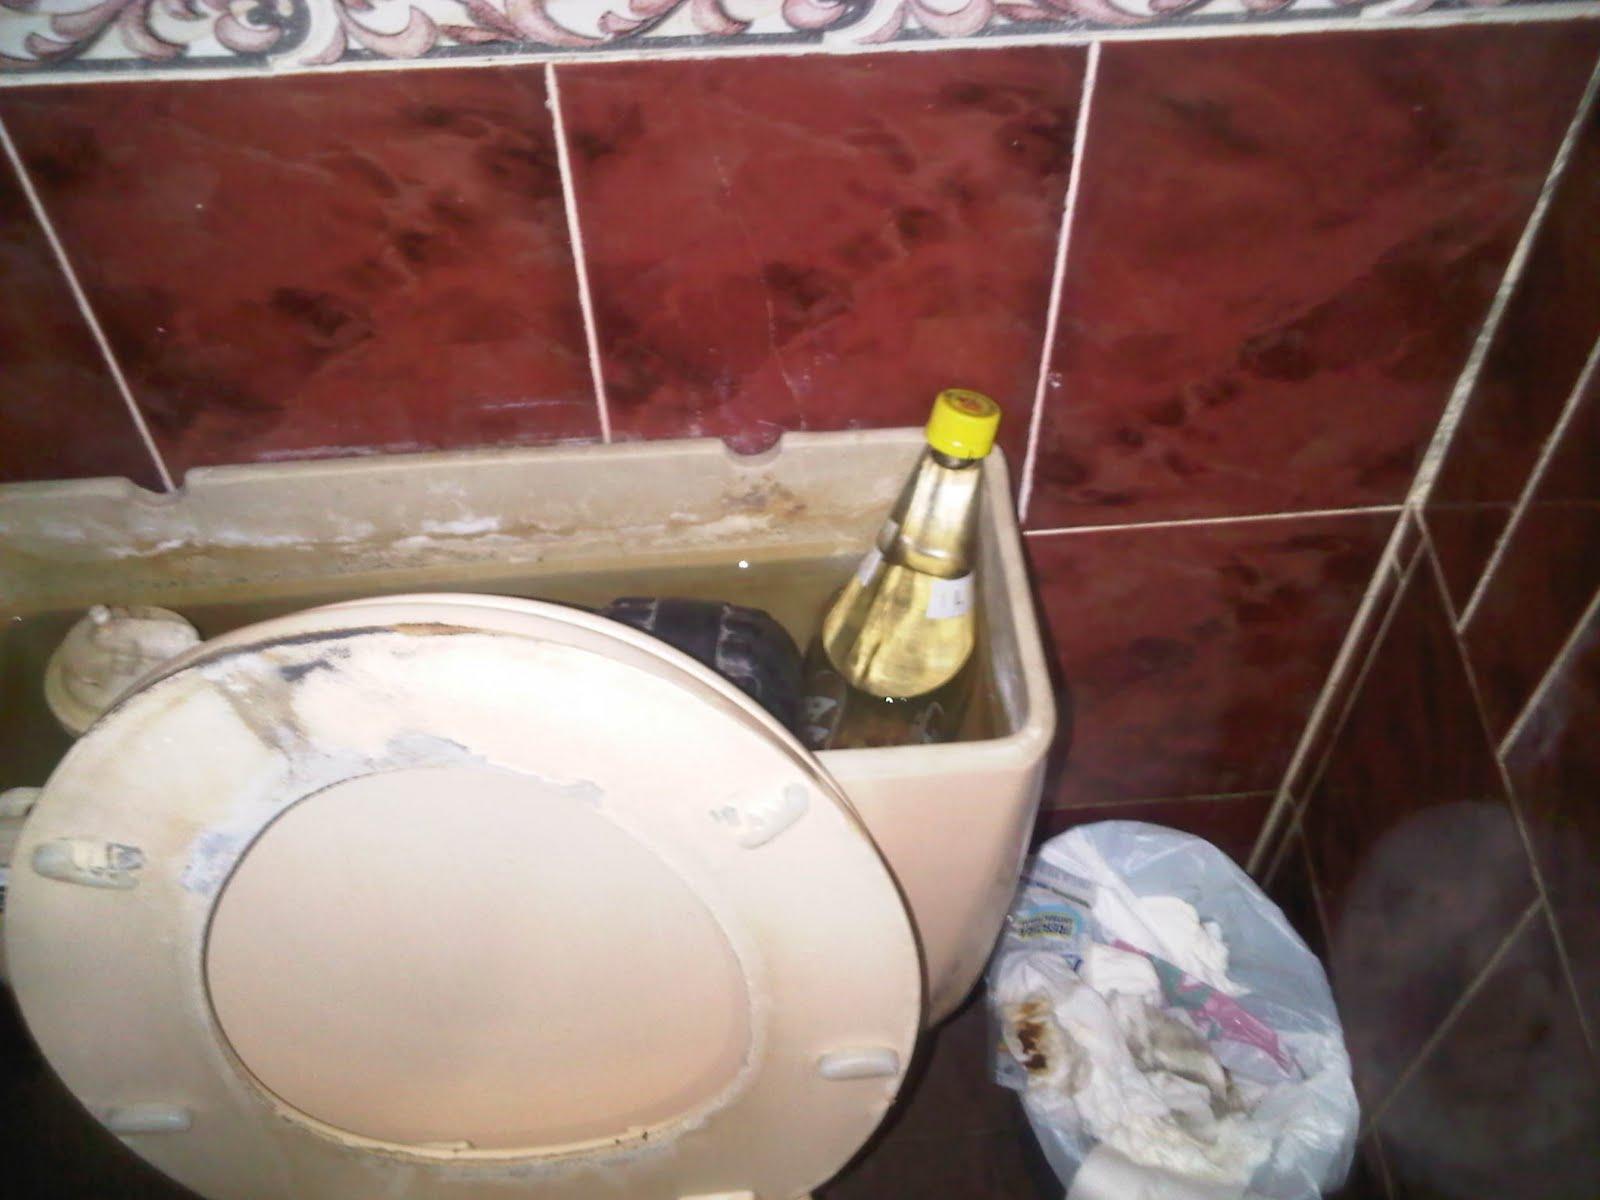 Imagenes De Los Baños Sucios:El temas mas Mierda de la red los baños mas sucios del mundo